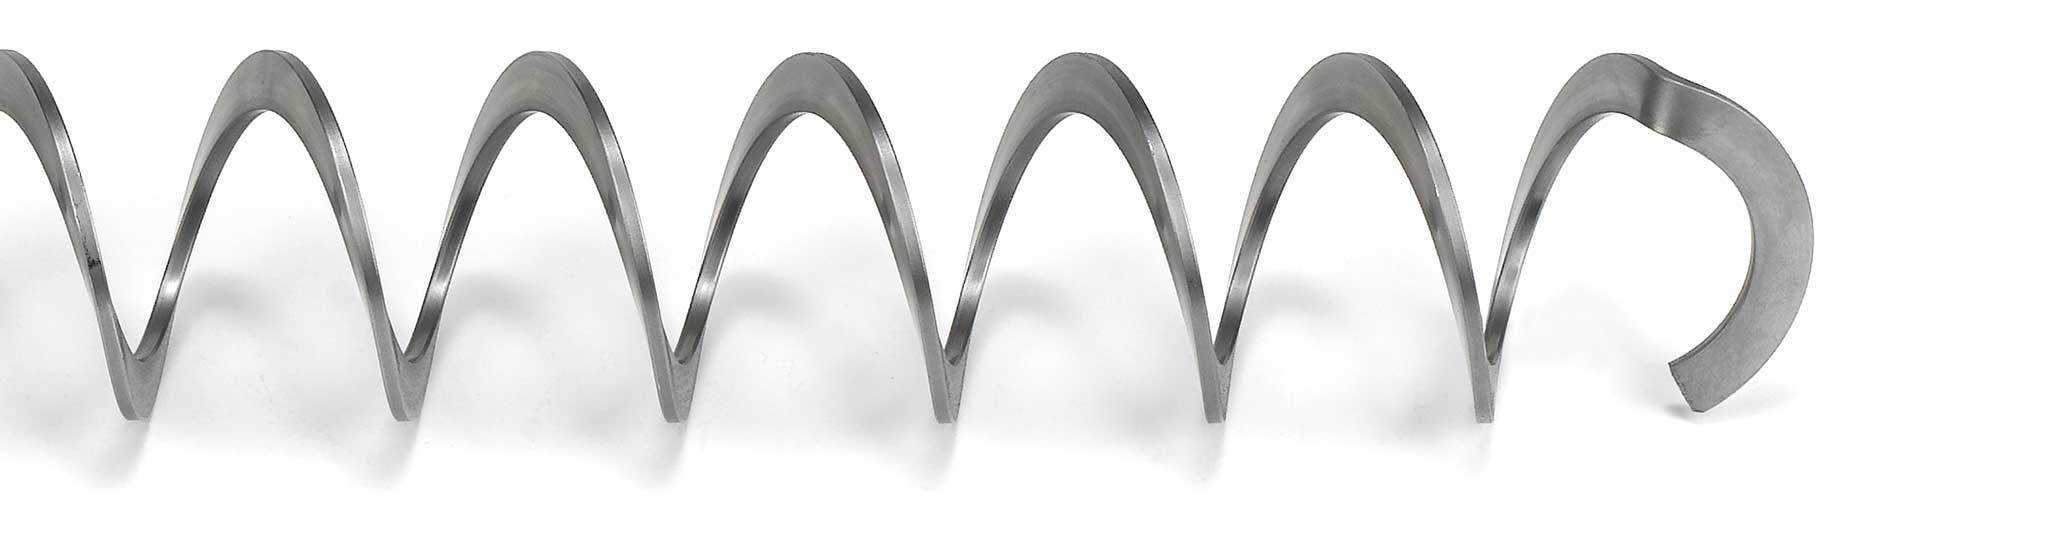 Turbolatori a molla con gancio per scambiatori di calore verticali - Eurospiral